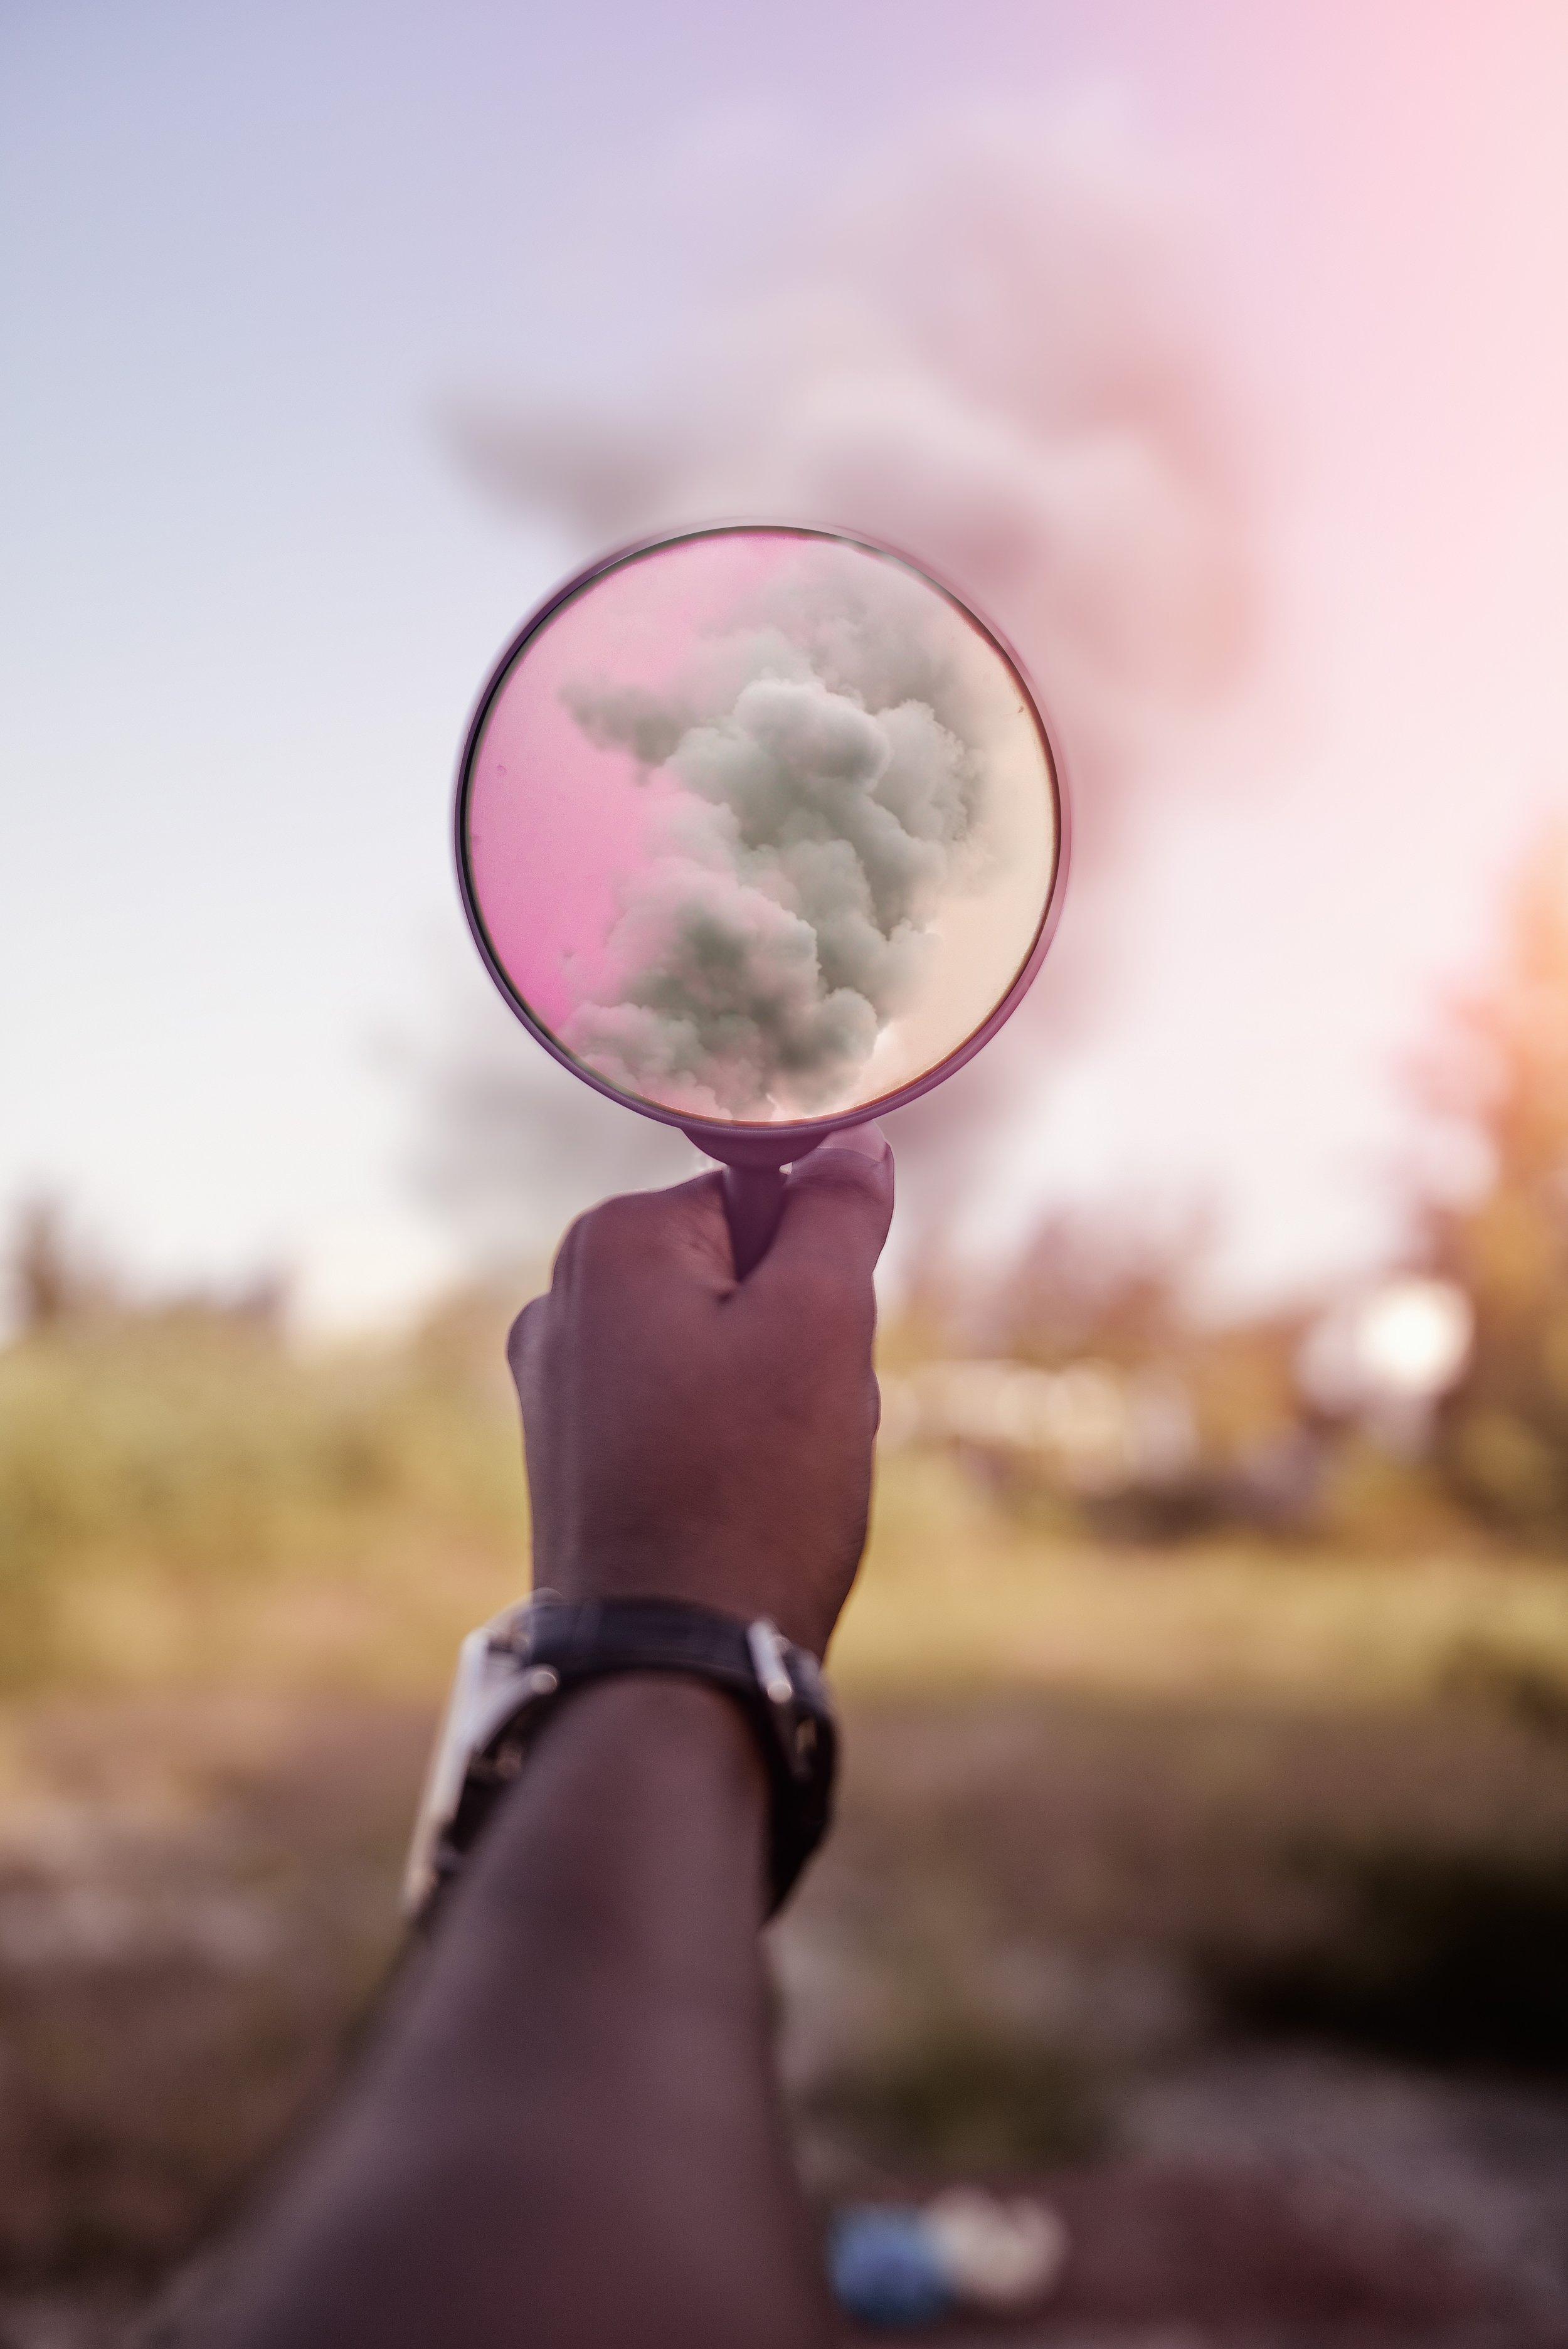 Os cinco sentidos  concretos  captam apenas uma parte das informações disponíveis no mundo.   Foto de  Ahmed Saffu